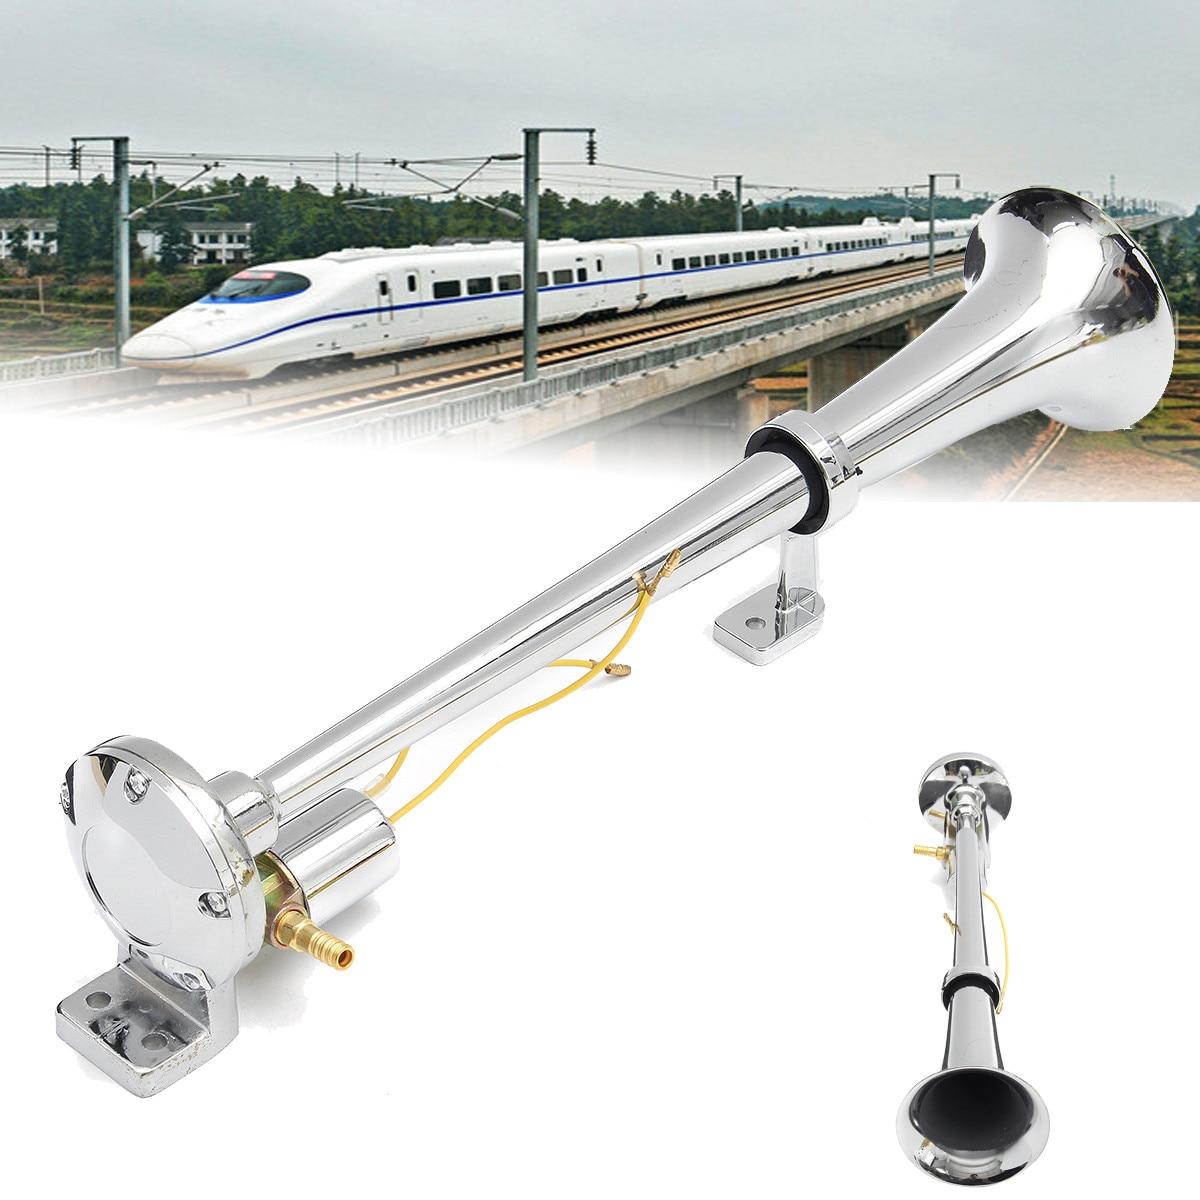 Автомобильный динамик 12-24 В 150 дБ, воздушный гудок, Громкий динамик для поезда, автомобиля, грузовика, супергромкий Универсальный гудок, дина...